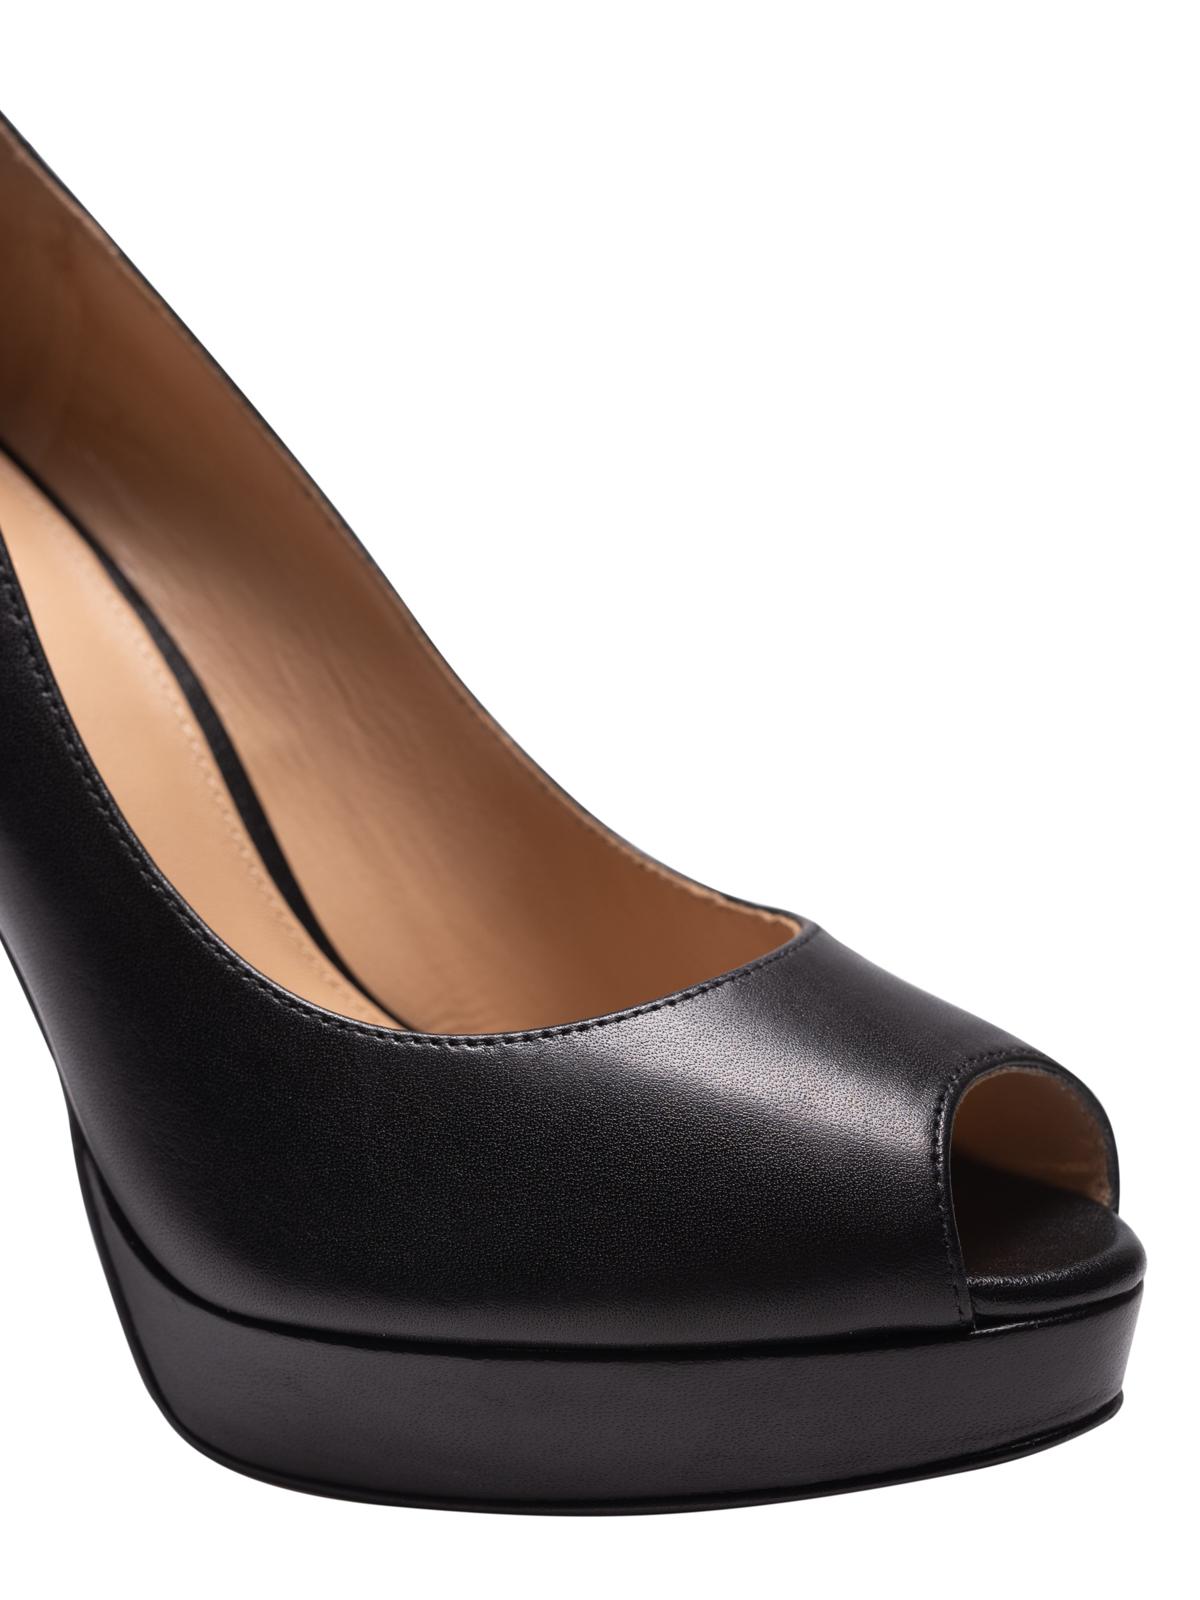 leather peep toe platform pumps